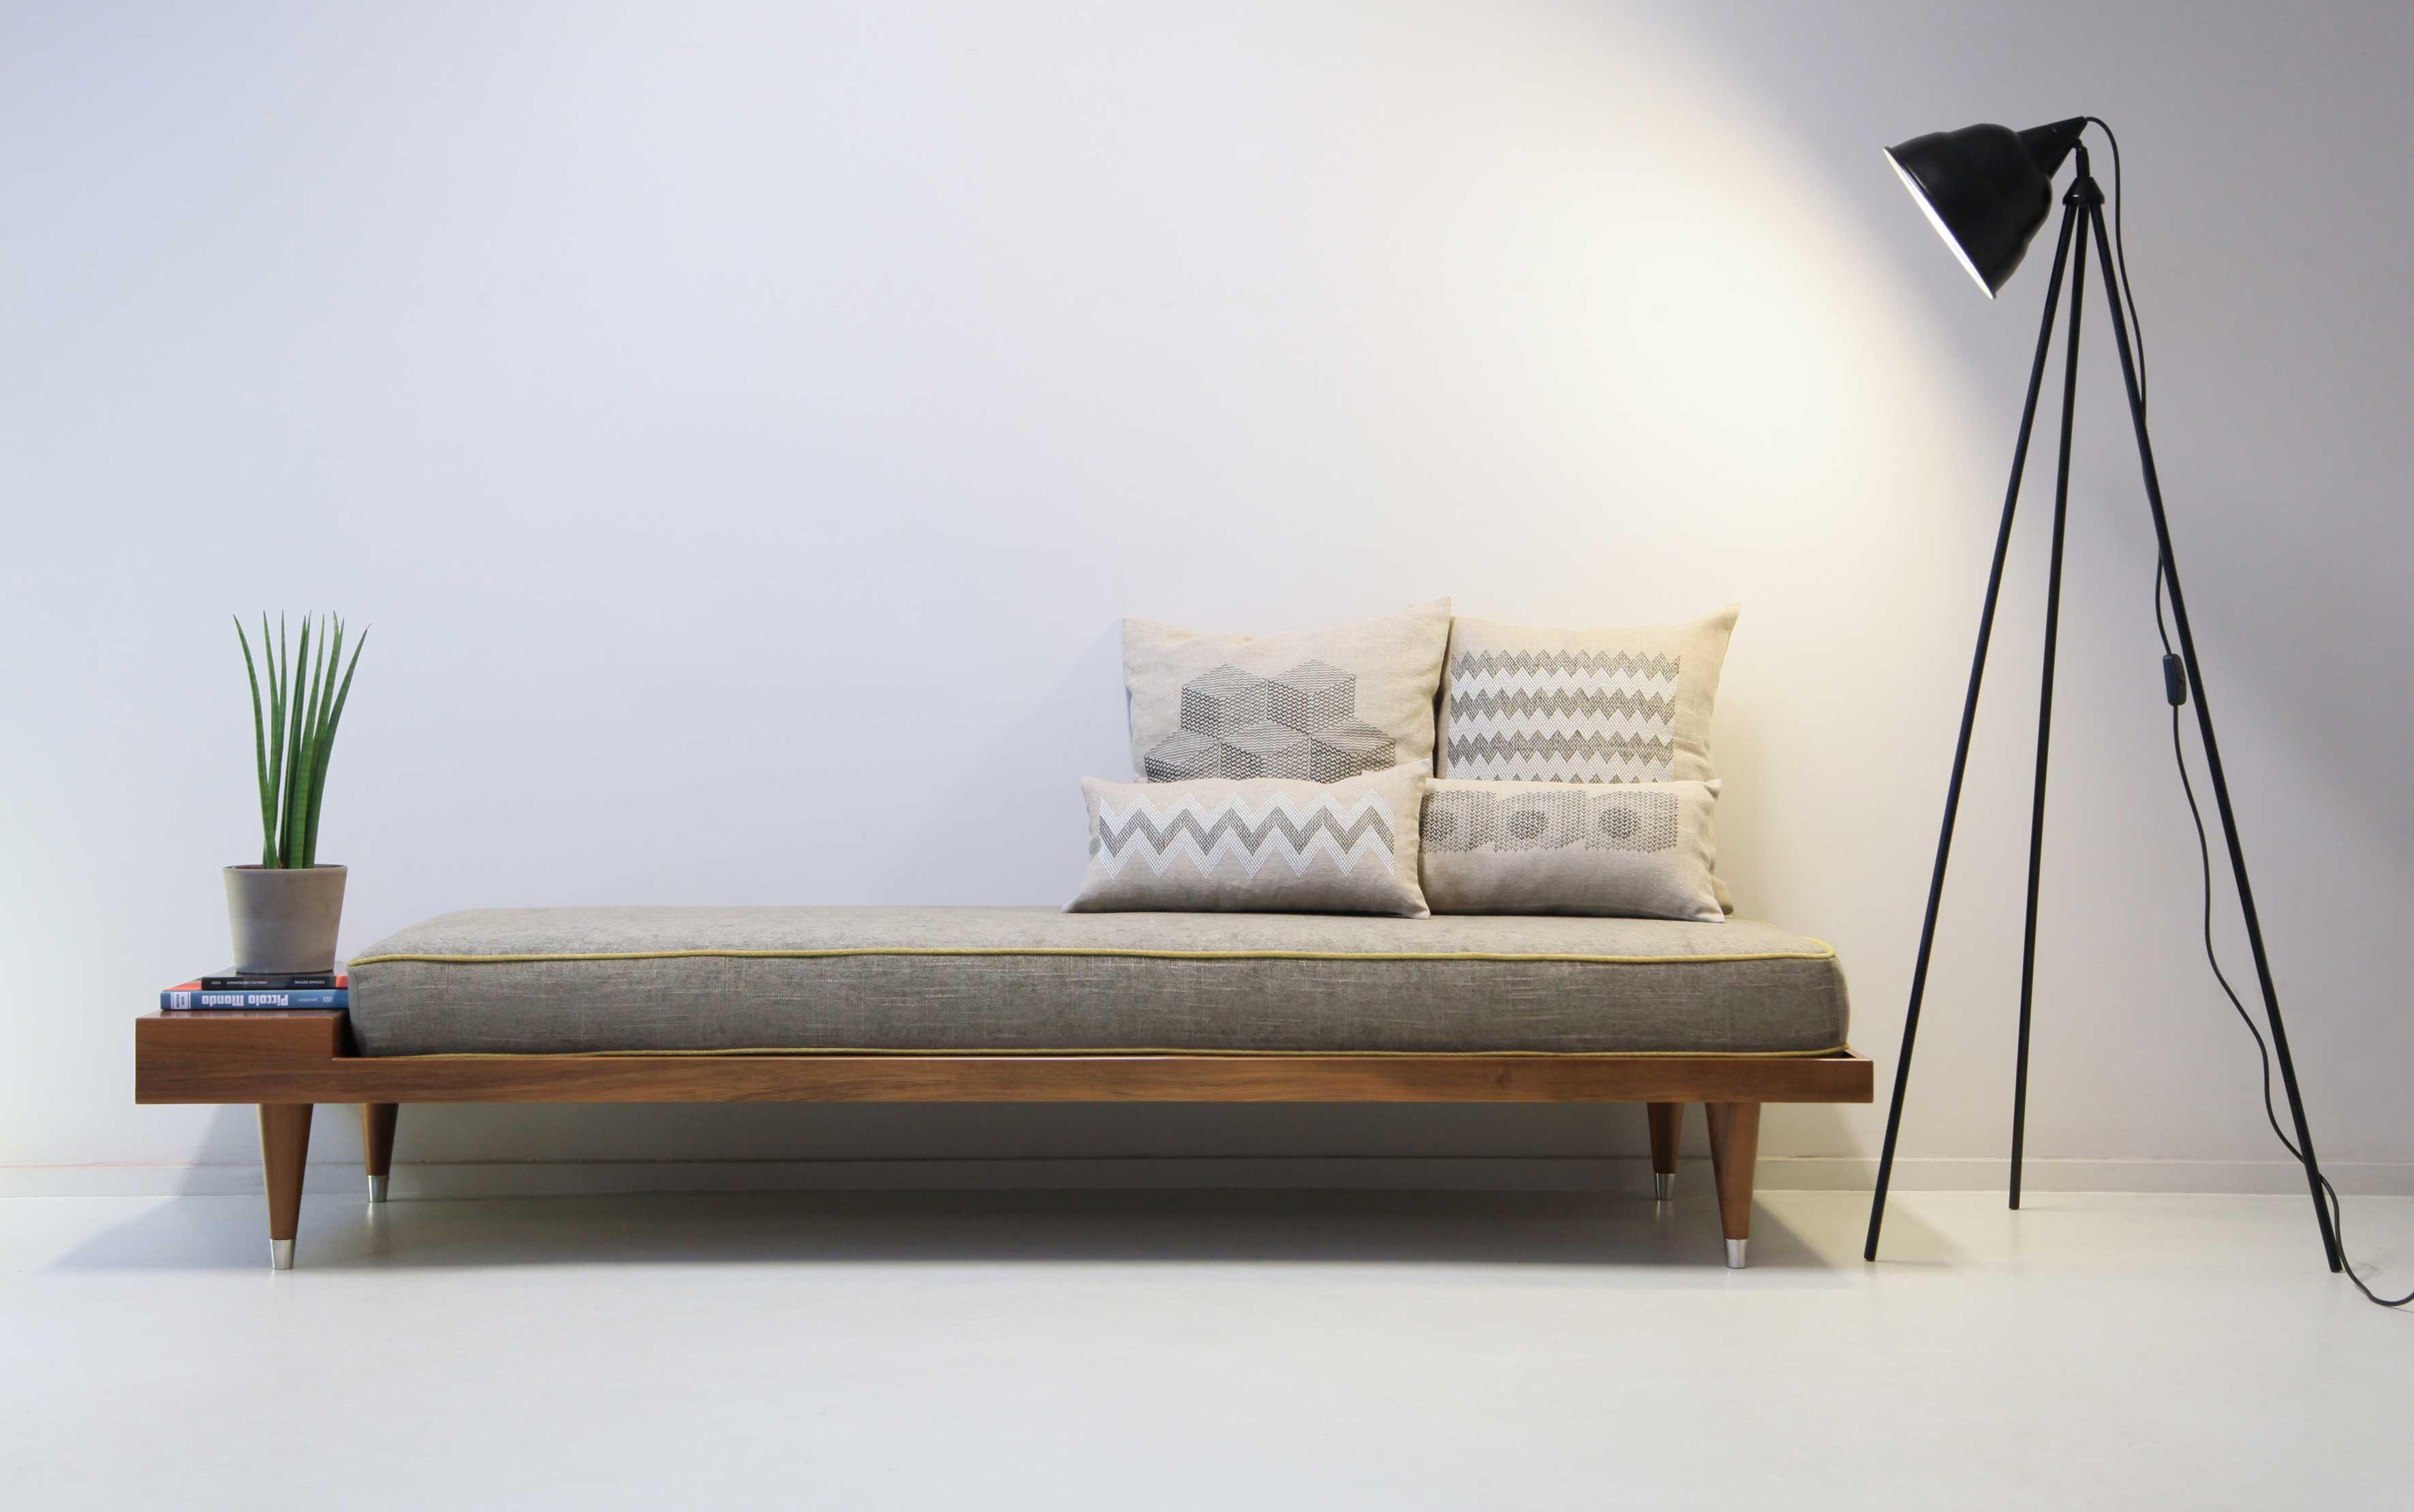 Kann design, mobilier d'inspiration fifties